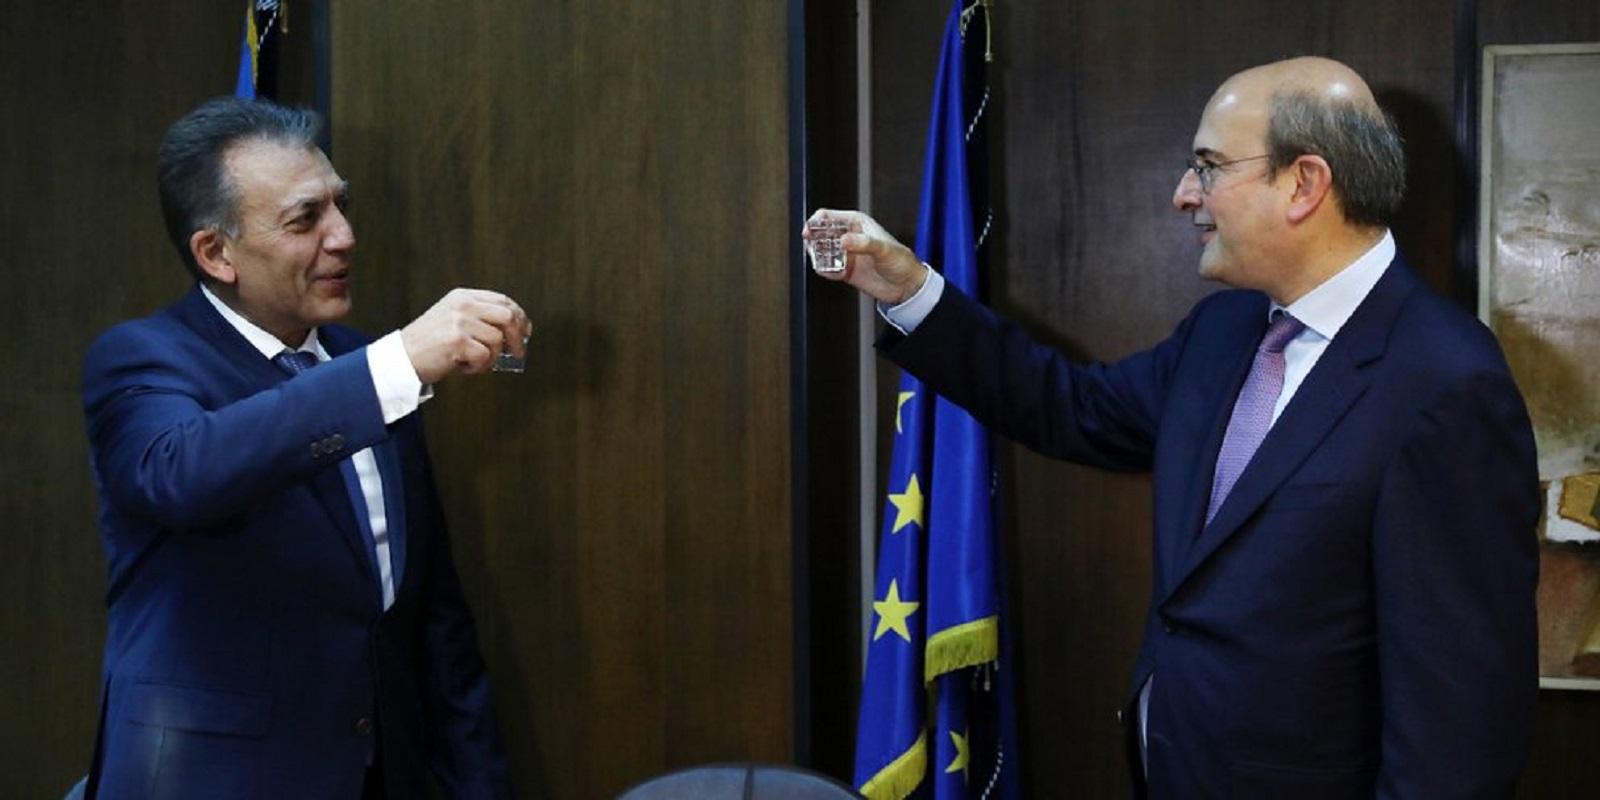 Δυο χρόνια κορόιδευαν τα γεροντάκια – Υπόσχονταν 2.000-3.000 ευρώ αναδρομικά και δεν έδωσαν τίποτα! (Βίντεο)